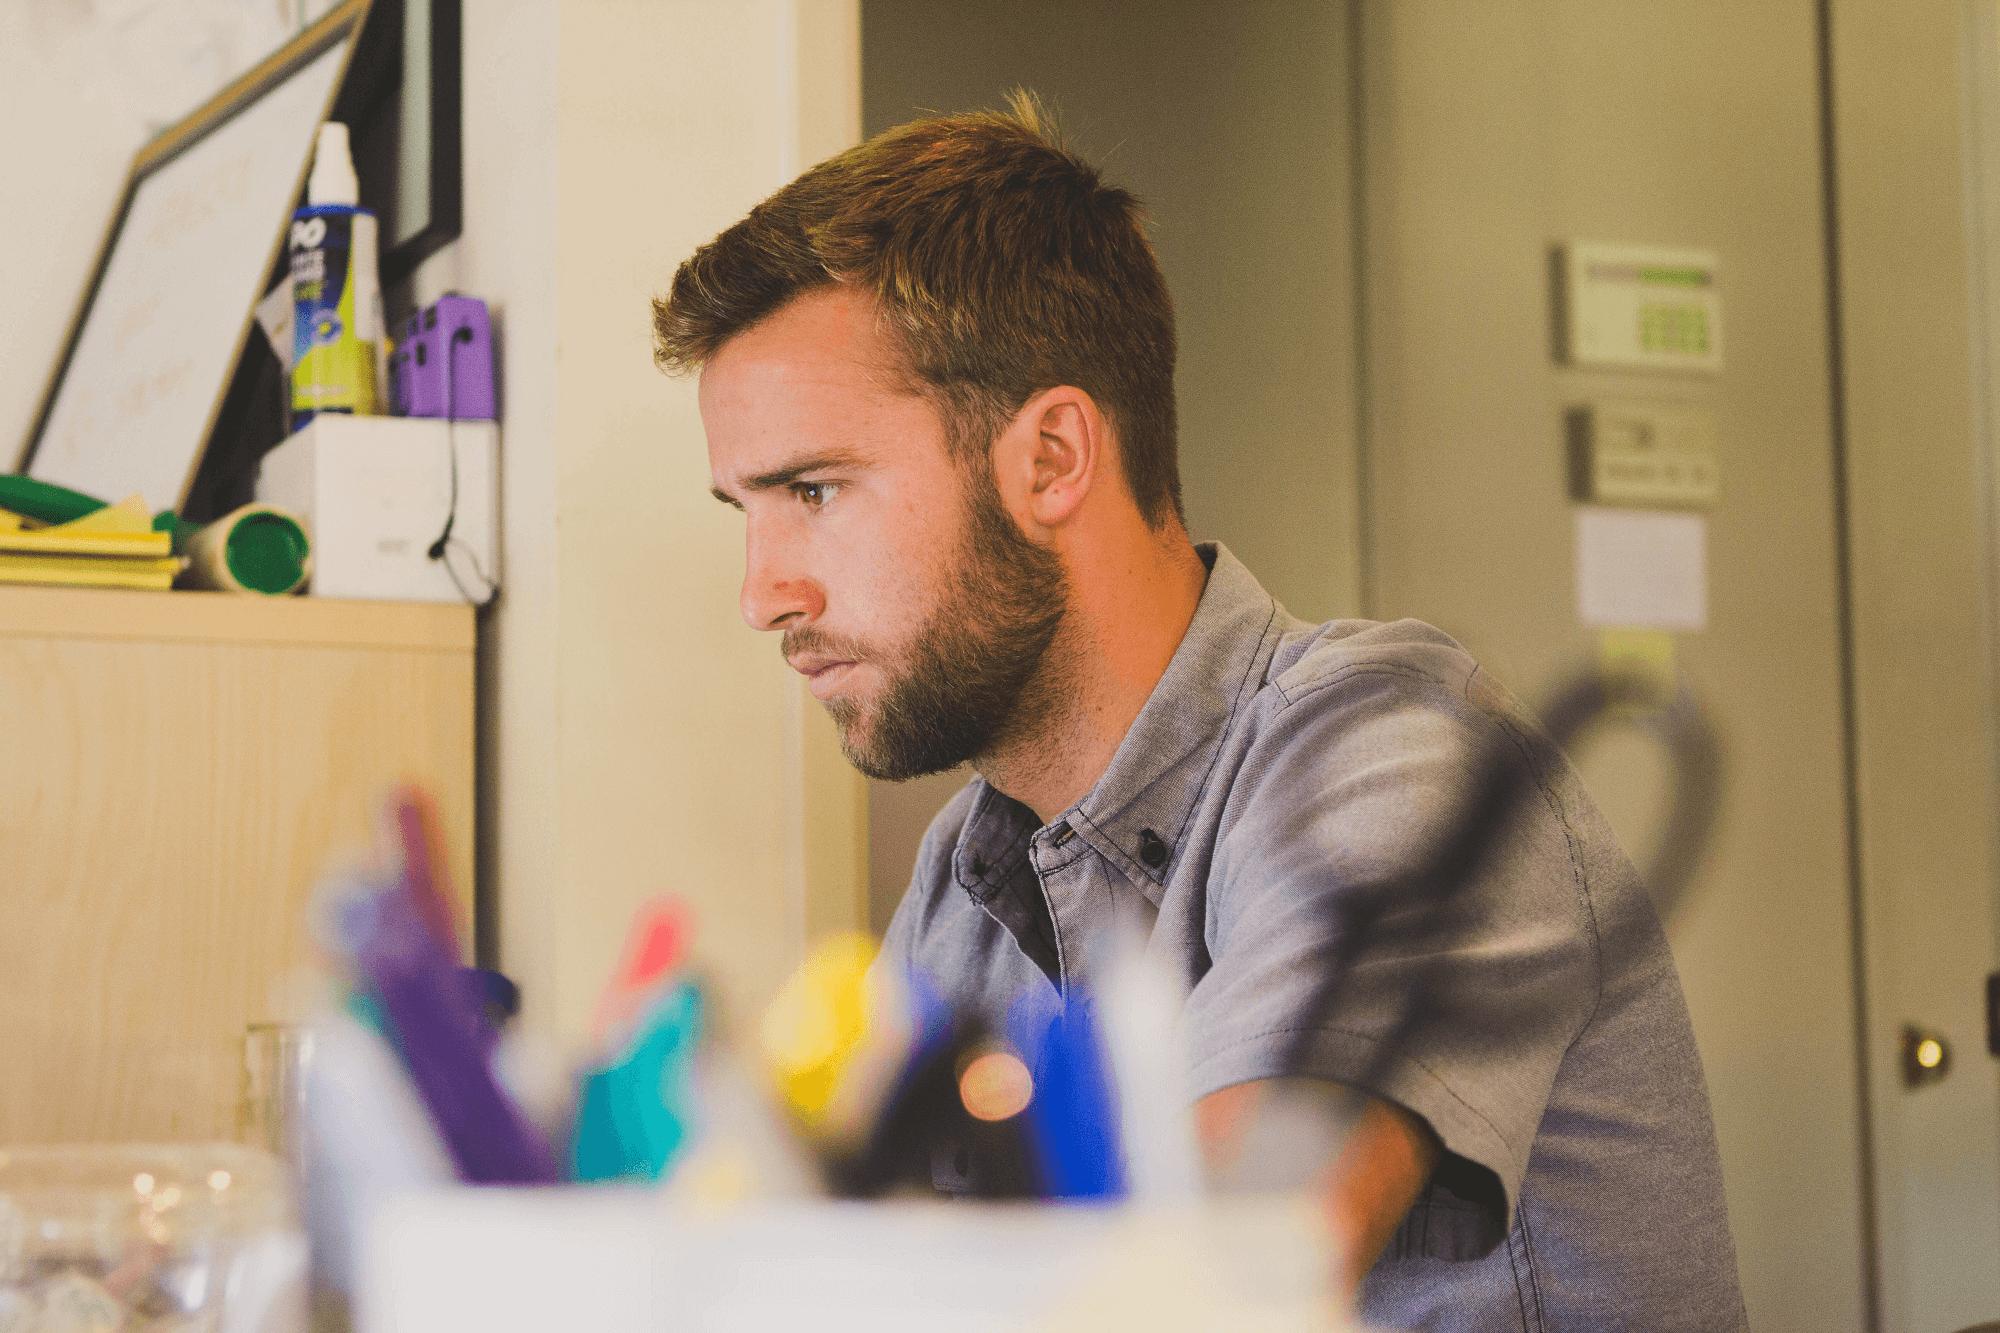 Projectmanagers generiek inzetbaar? | Onderzoek van Bernard Vuijk